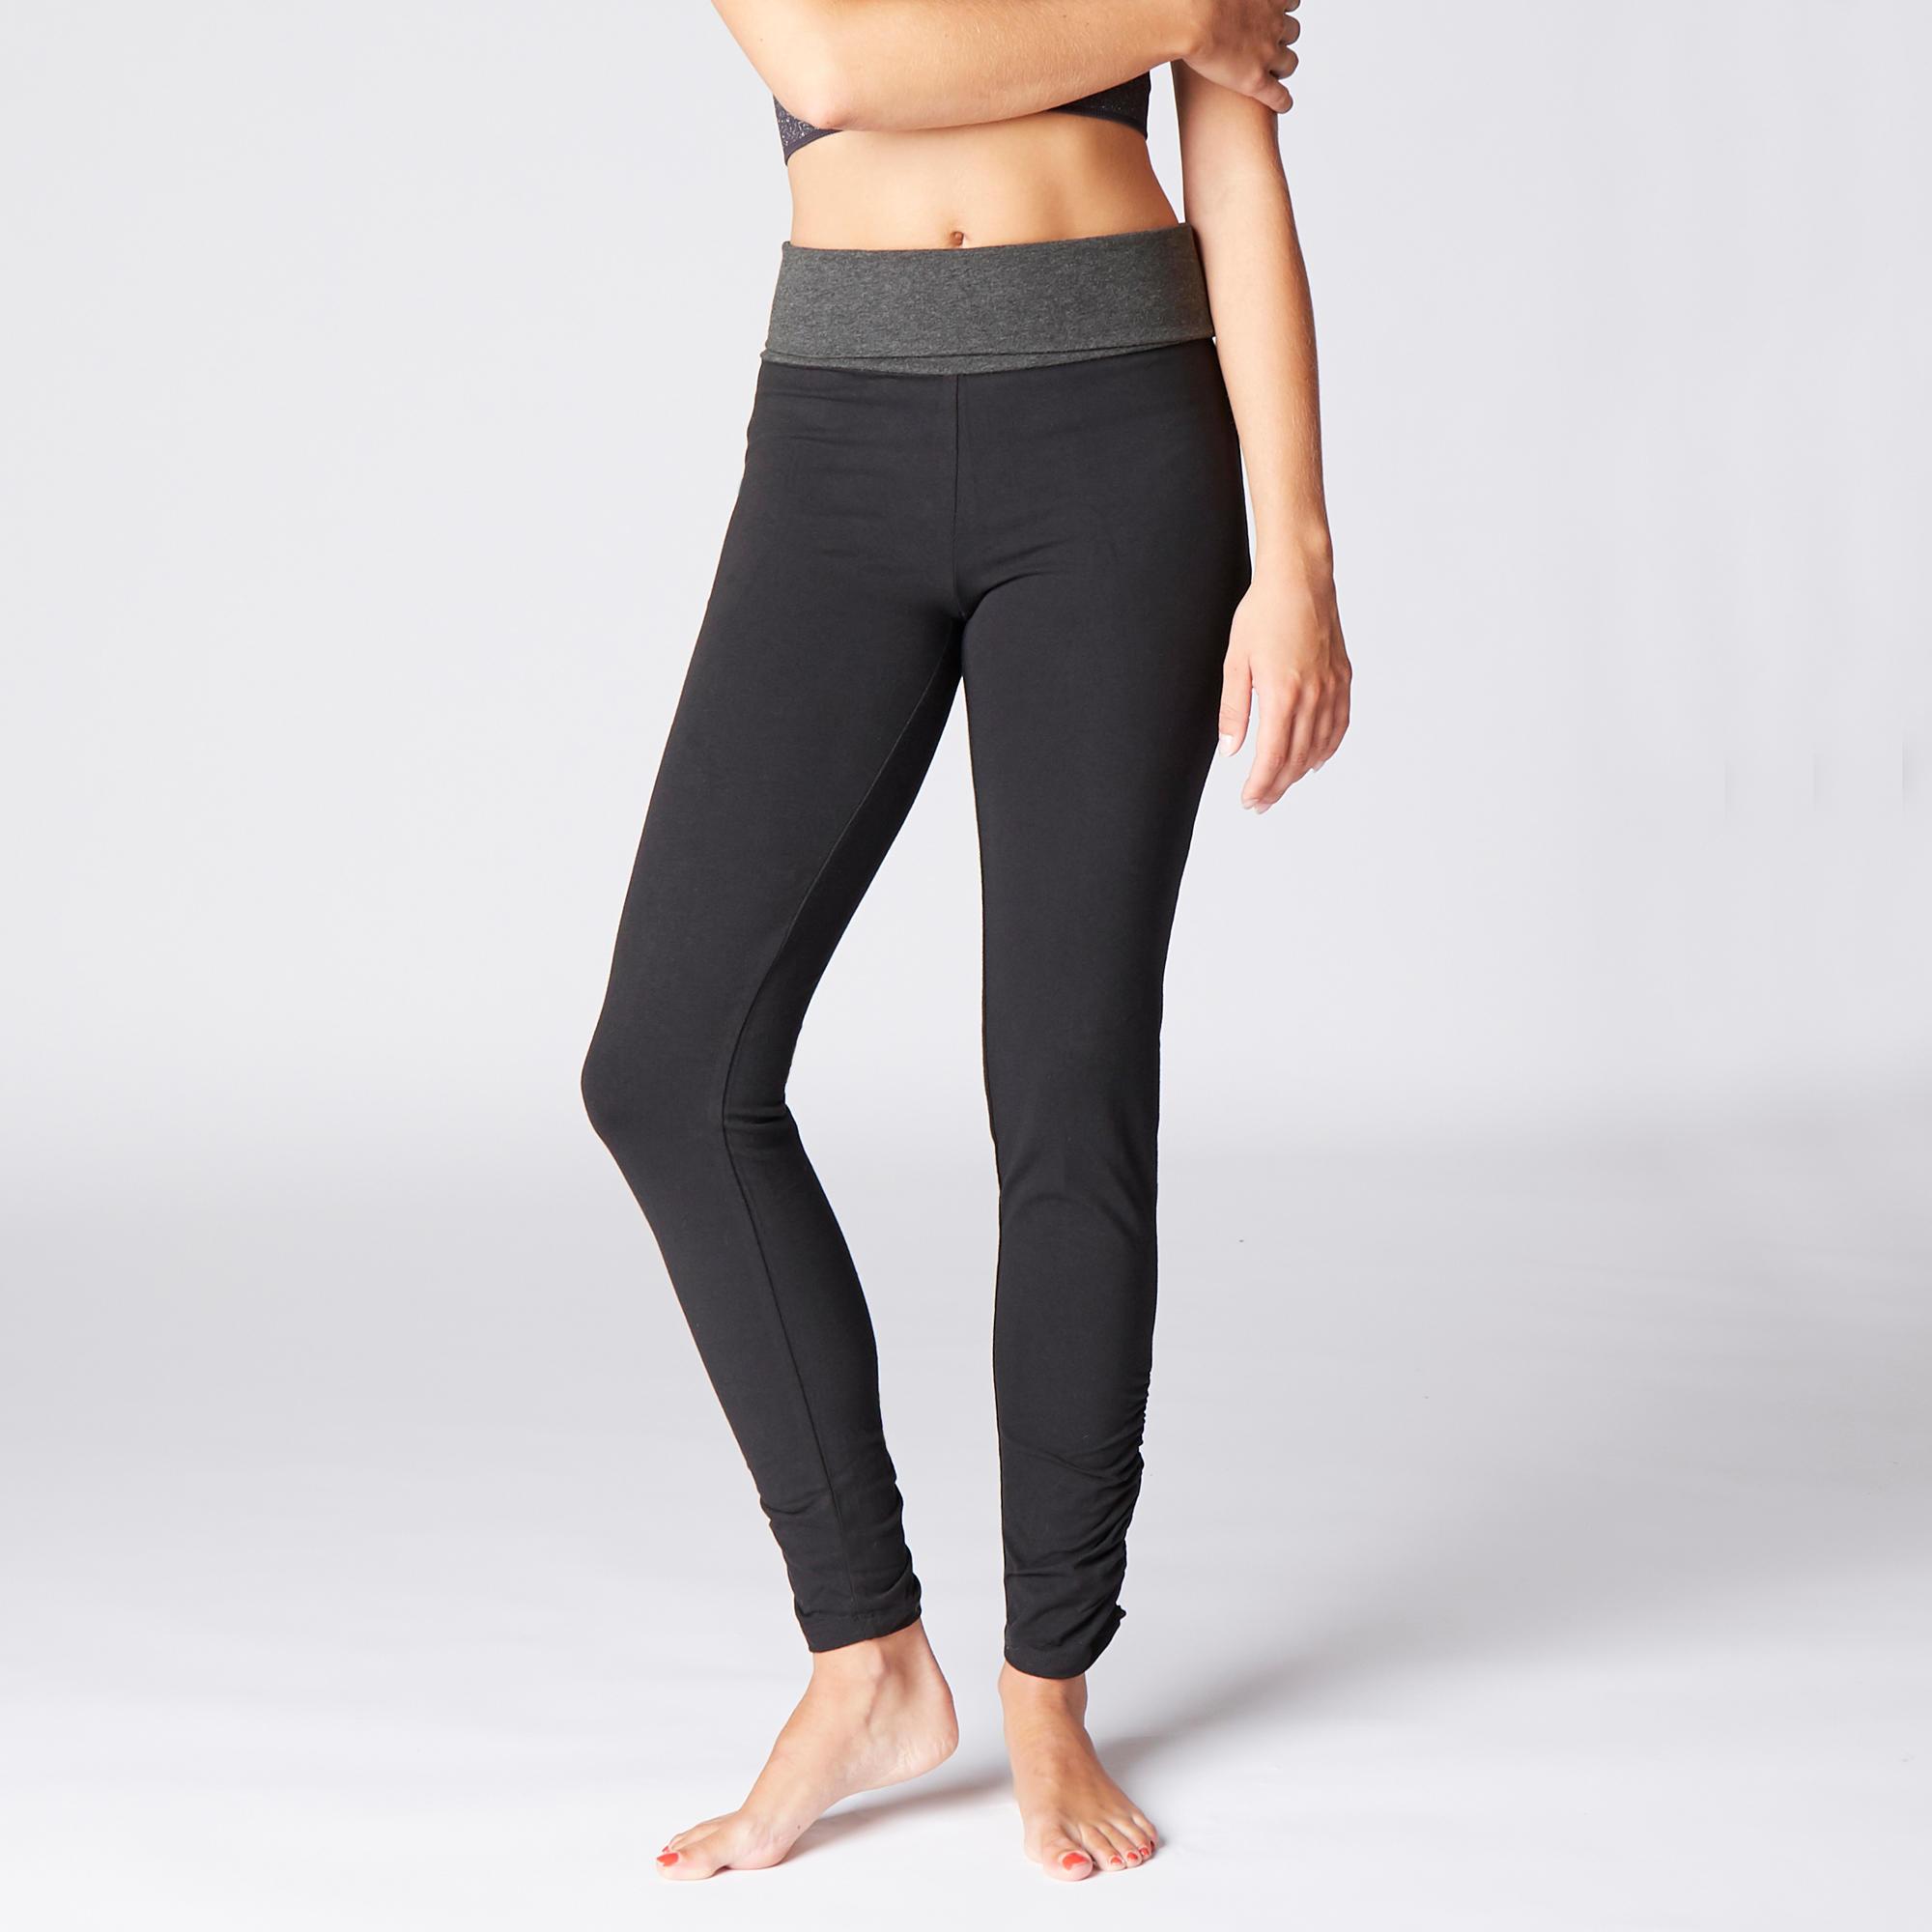 nuevo concepto e251a d4e33 Mallas Deportivas Pantalones Premamá Yoga Domyos Slim Algodón Bio Mujer  negro